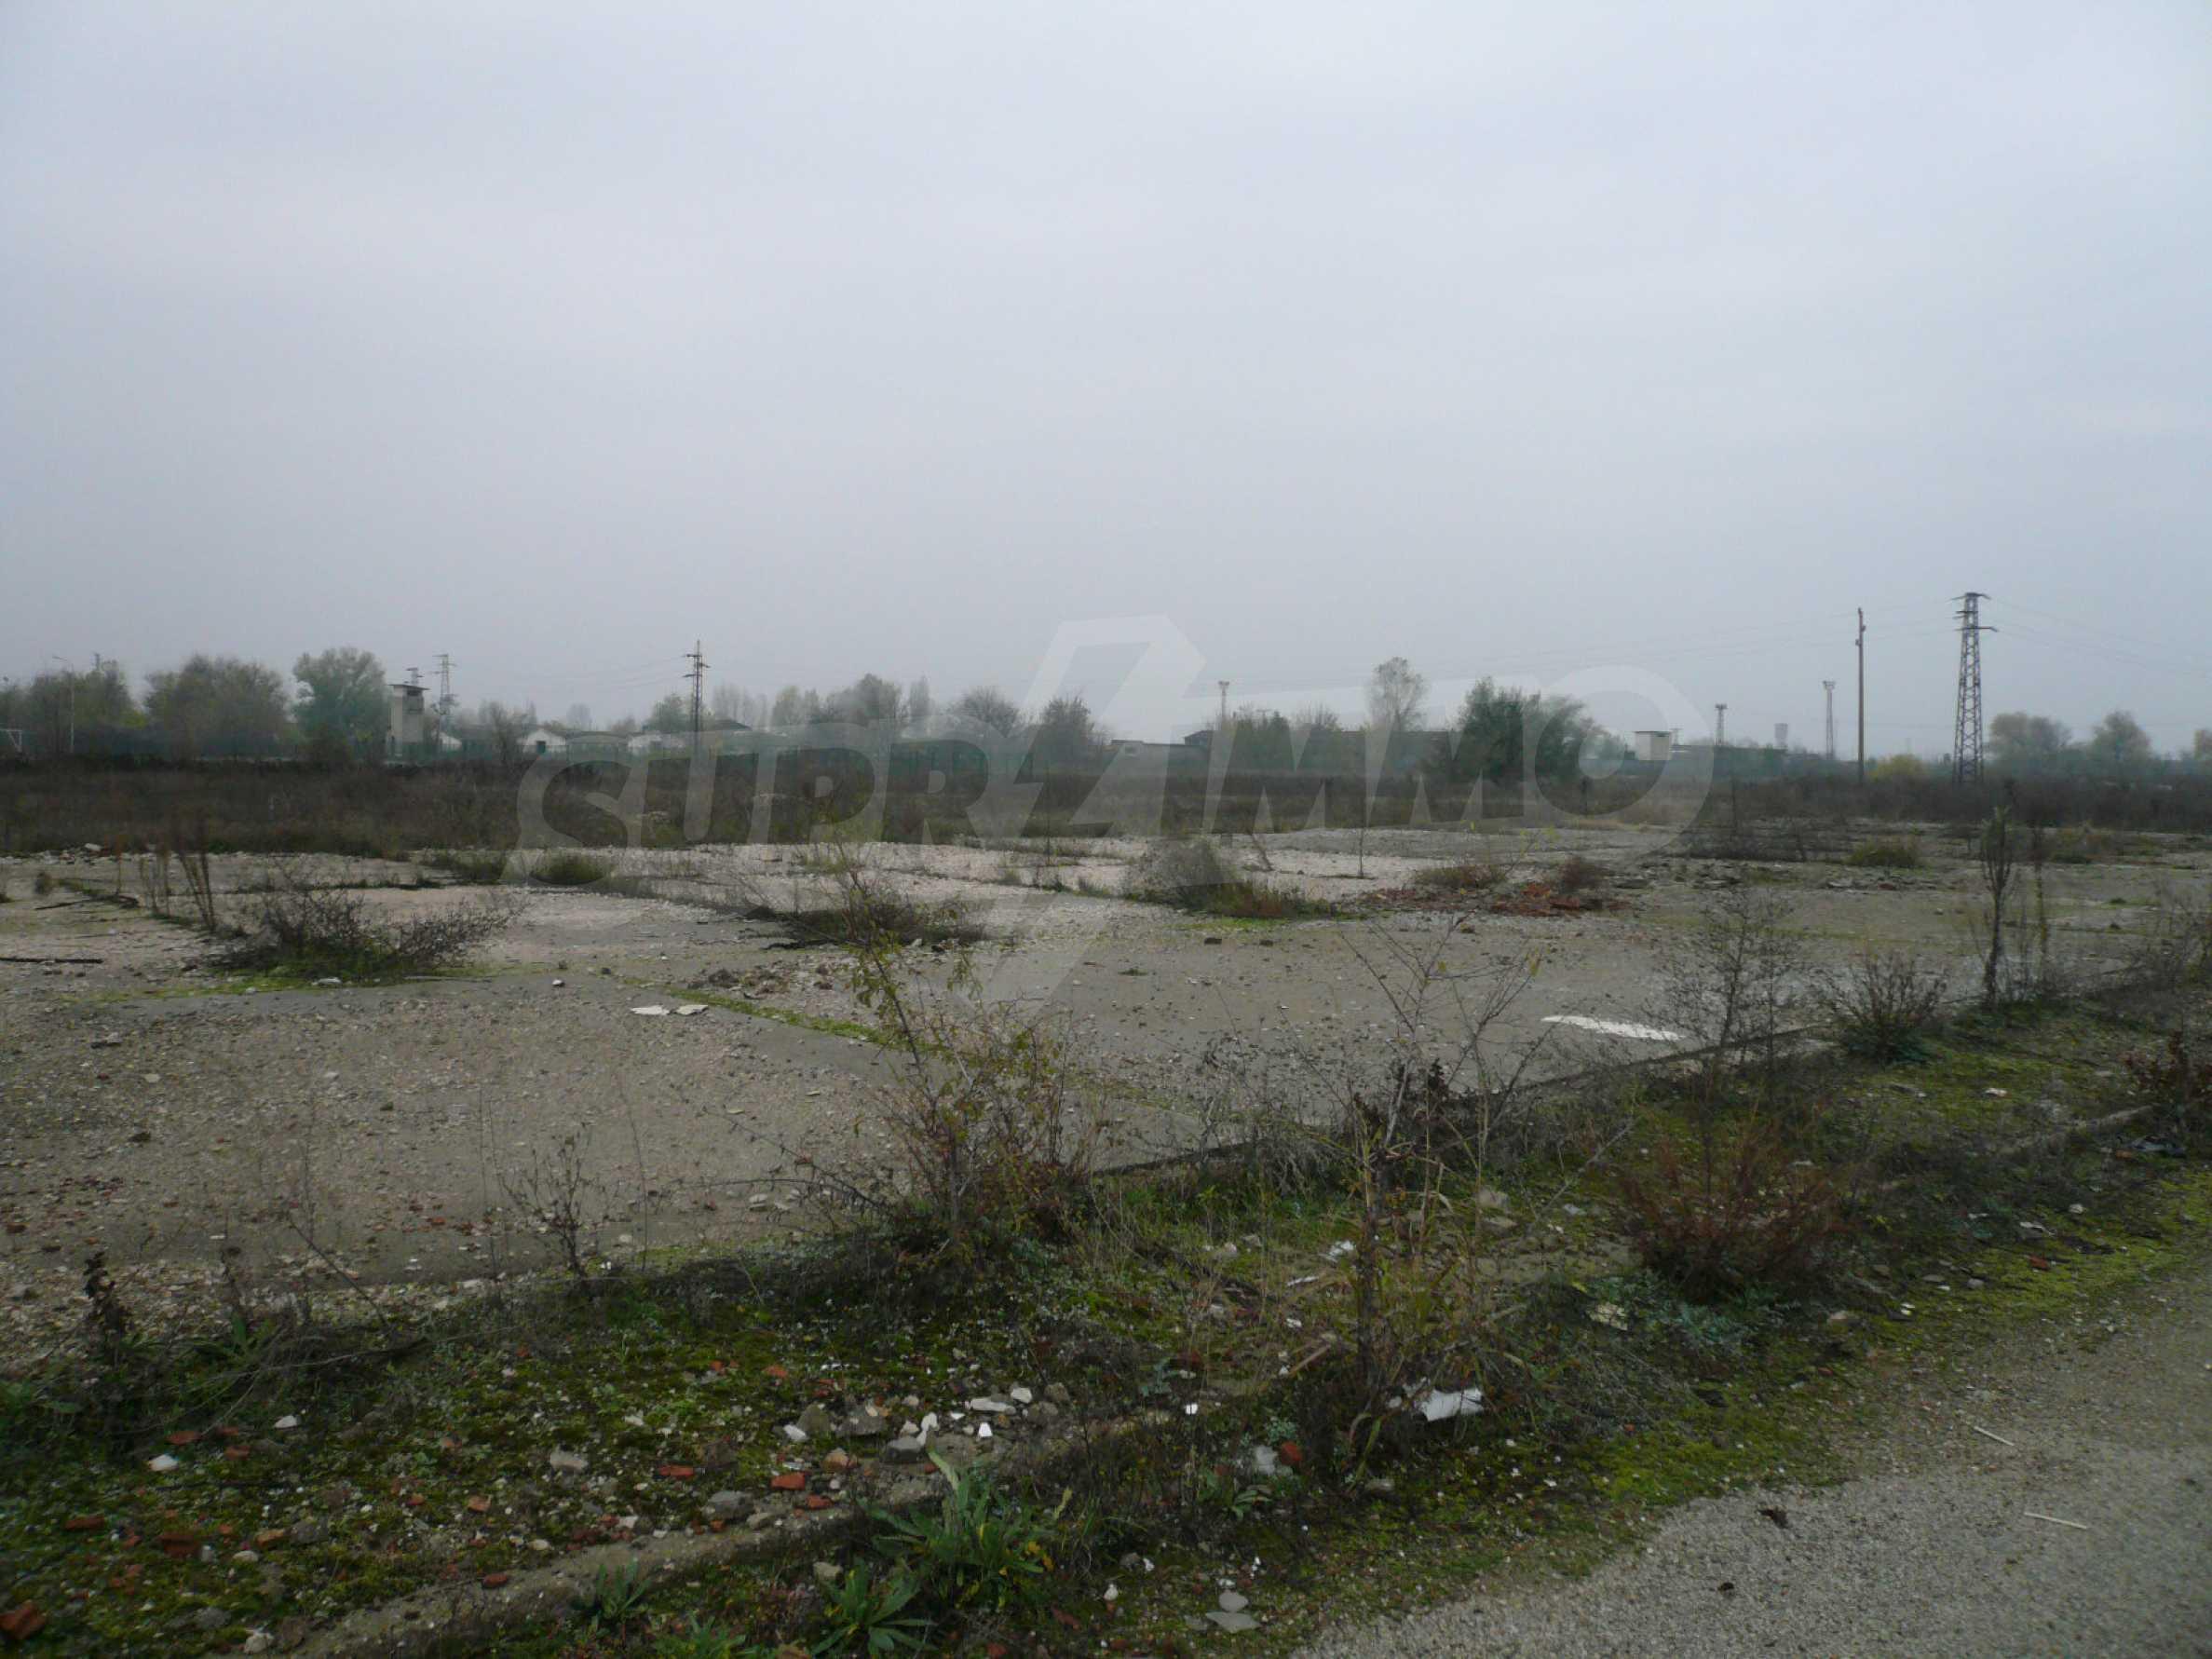 Großes reguliertes Grundstück im Industriegebiet von Vidin